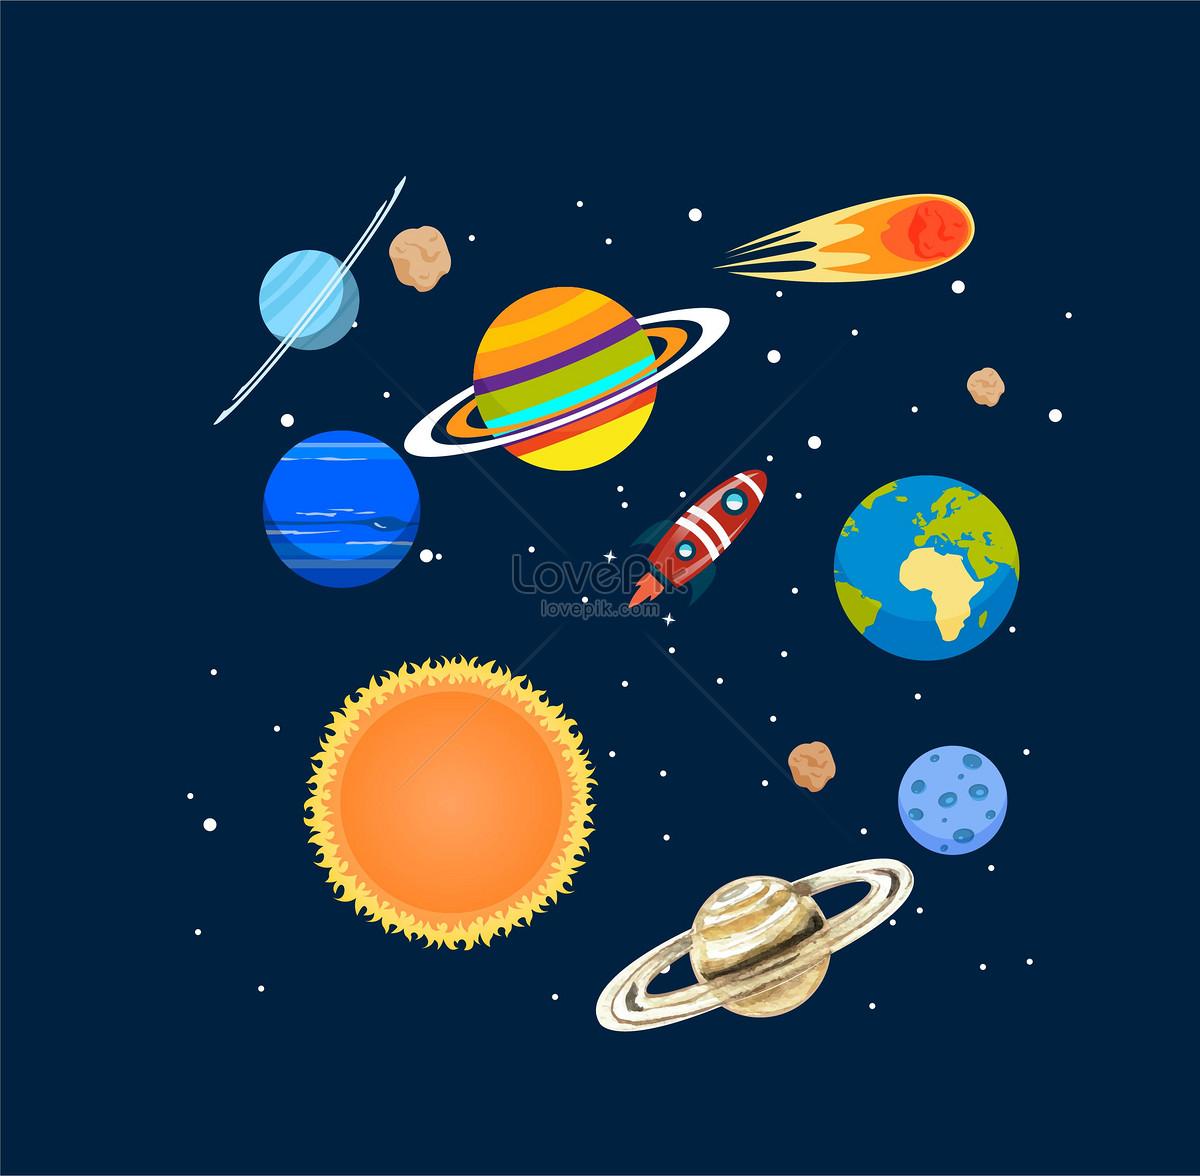 Uzay Arka Plan Malzemesi Resimörnekleme Numarası 400160057tr